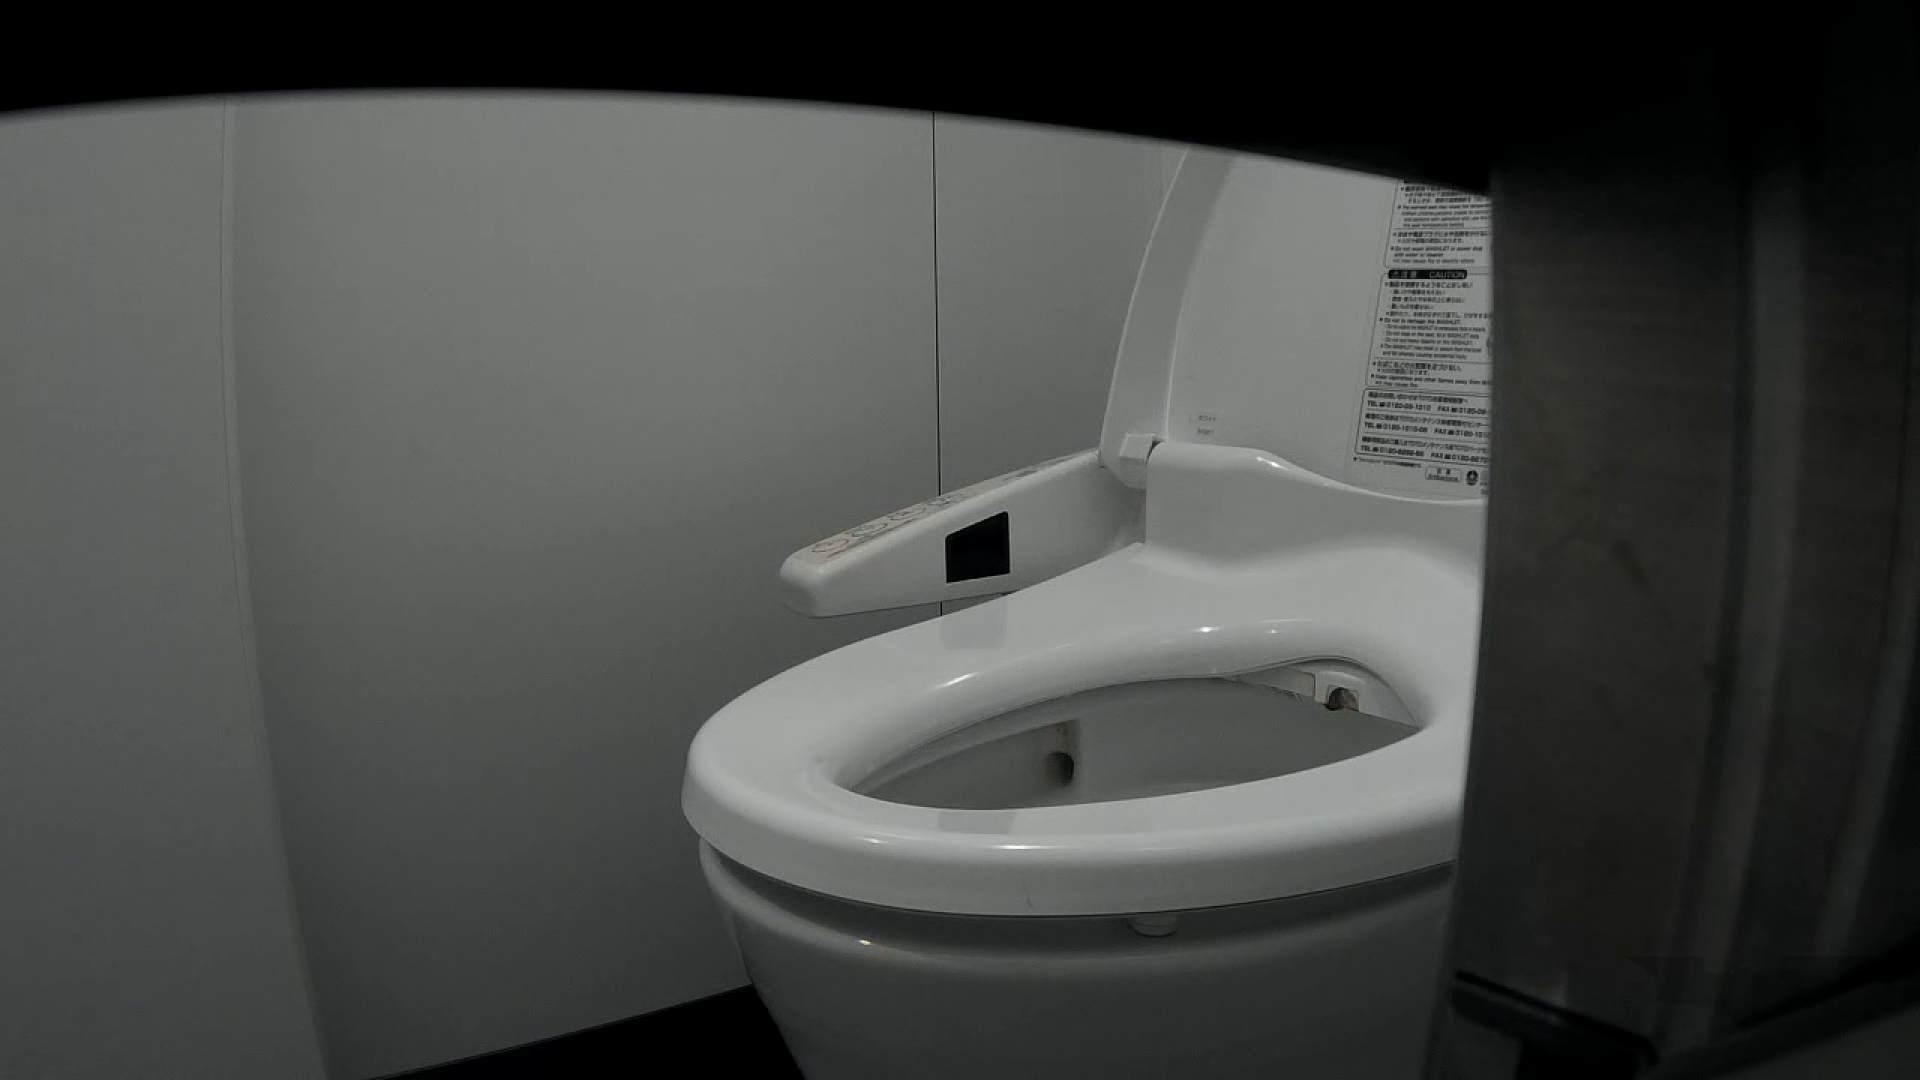 有名大学女性洗面所 vol.37 ついでにアンダーヘアーの状態確認ですね。 和式で・・・ 濡れ場動画紹介 105画像 60